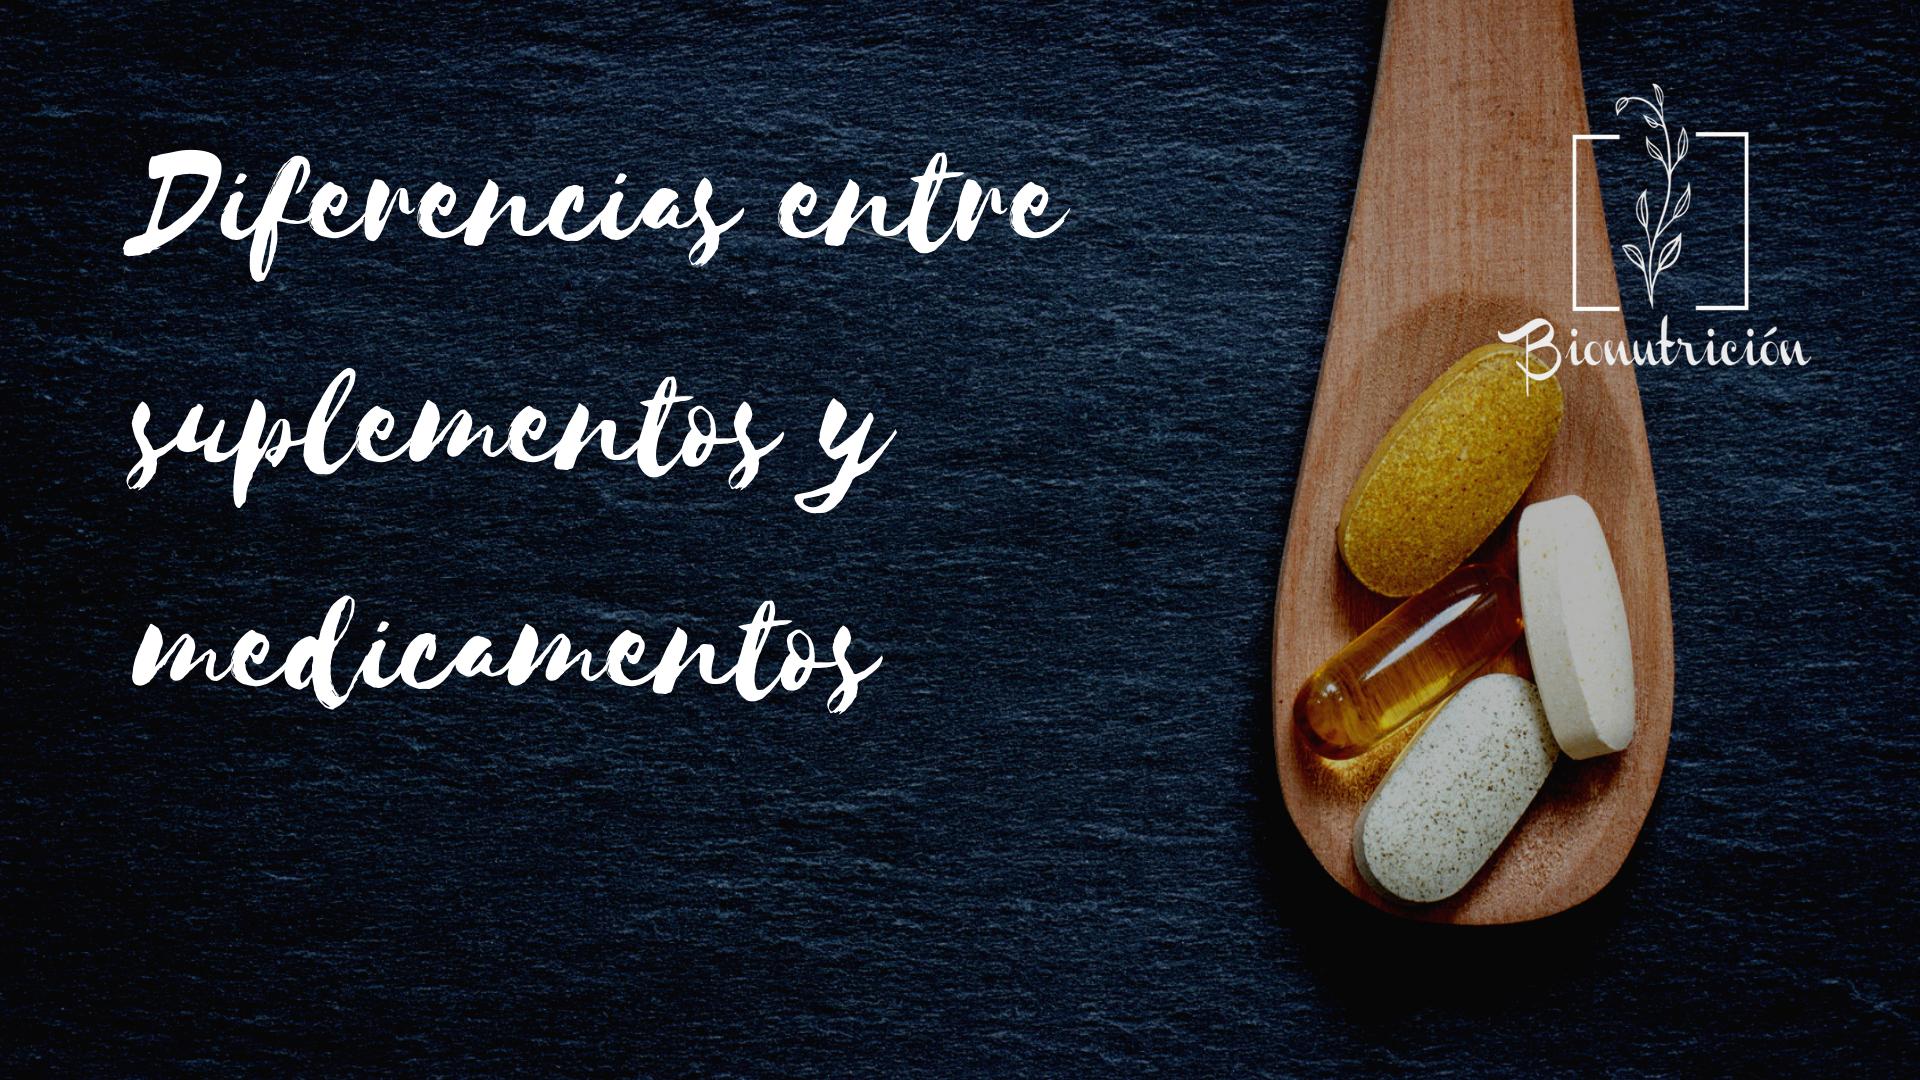 Diferencias entre suplementos y medicamentos- Bionutricion Ortomolecular